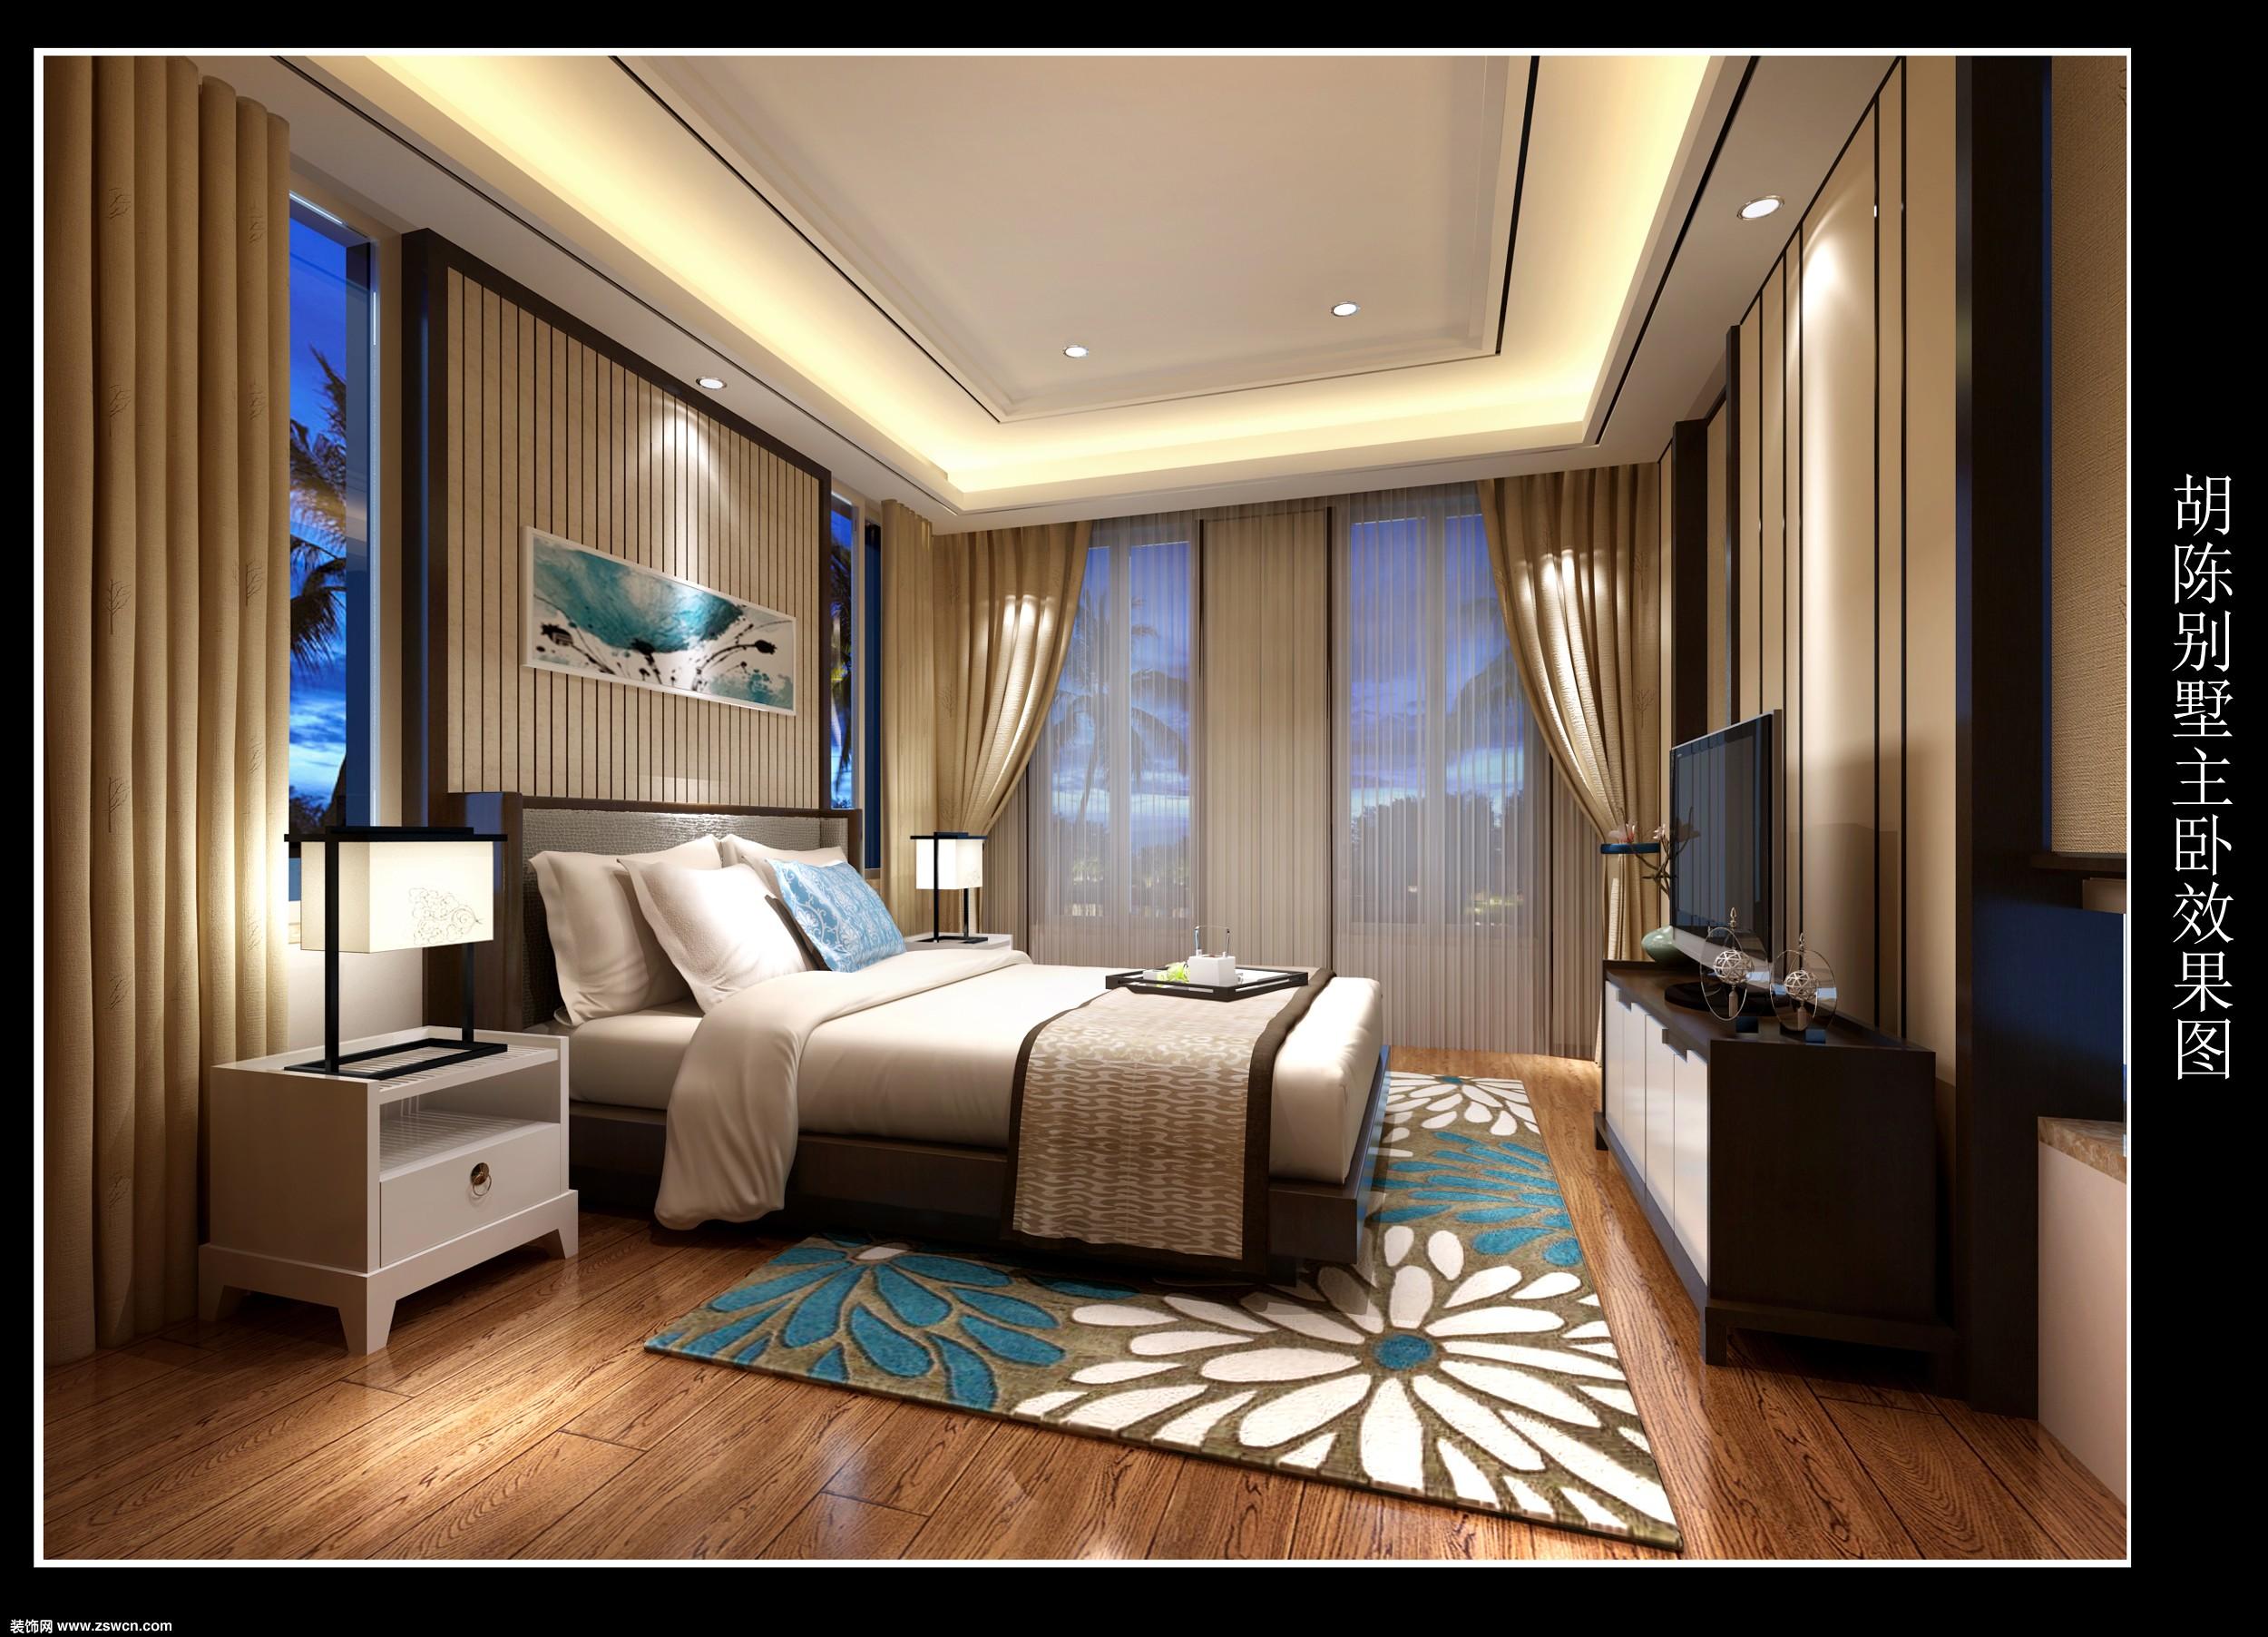 背景墙 房间 家居 起居室 设计 卧室 卧室装修 现代 装修 2500_1804